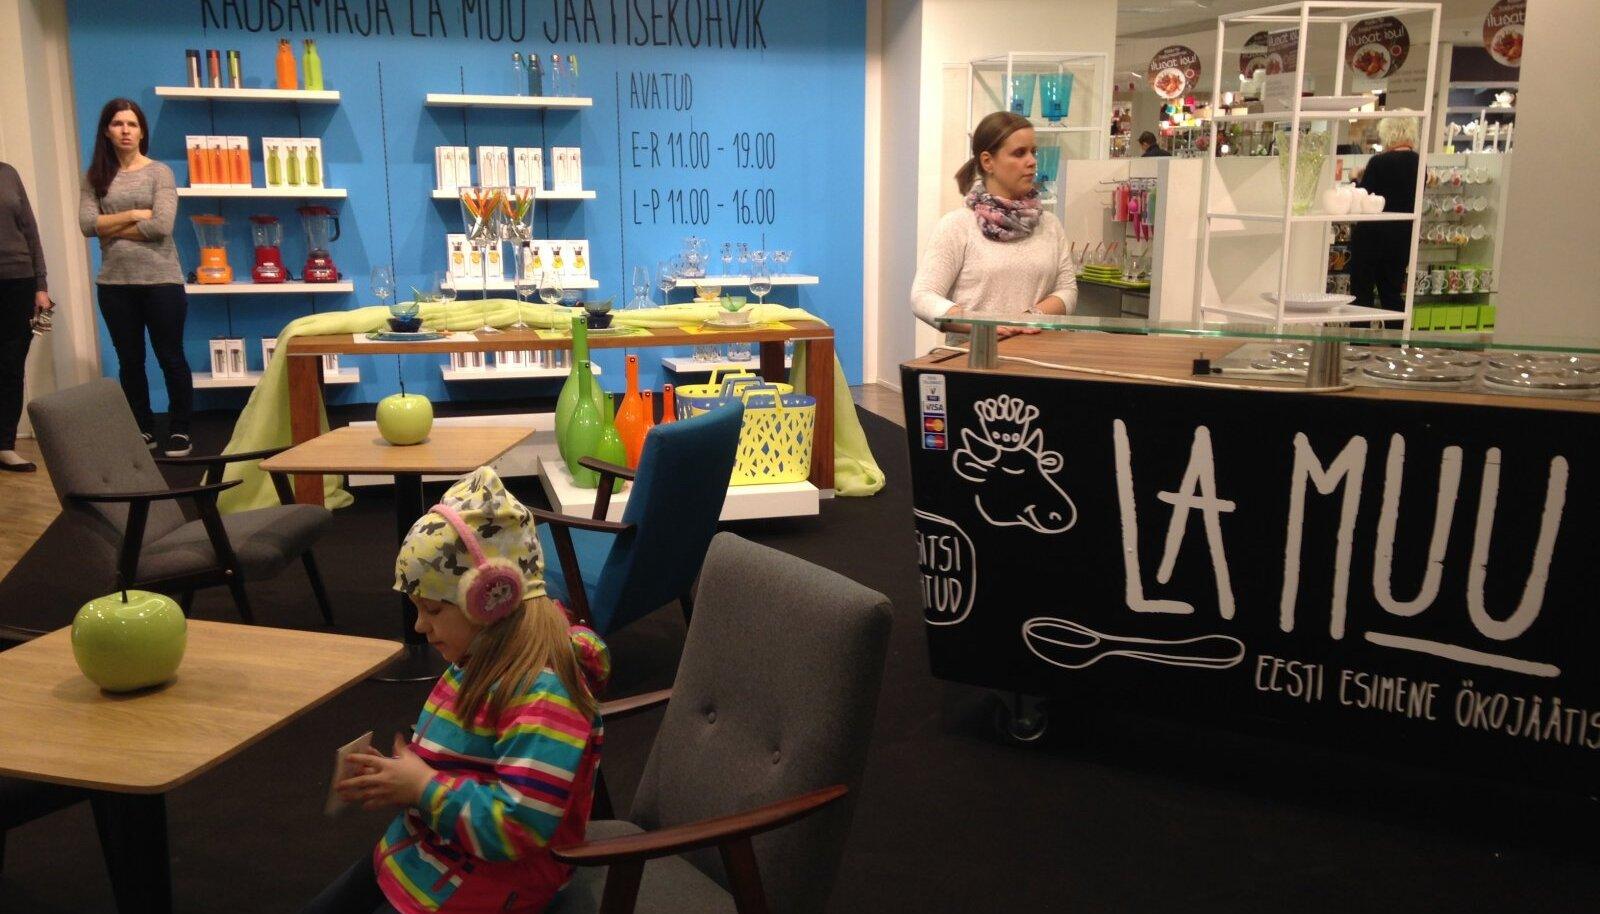 La Muu pop-up kohvik